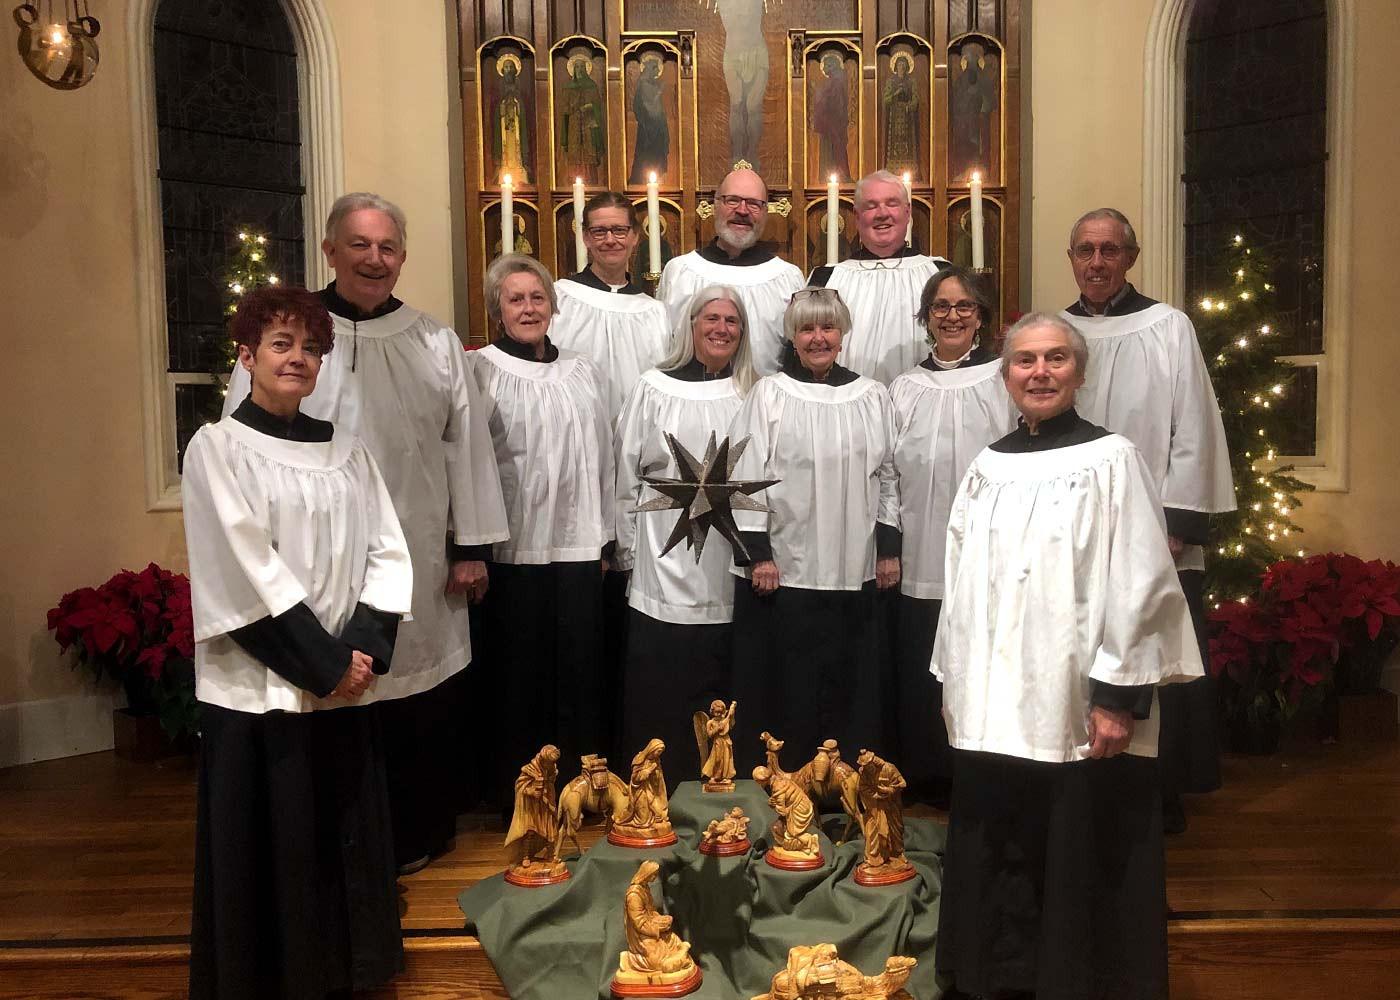 choir-002-web.jpg